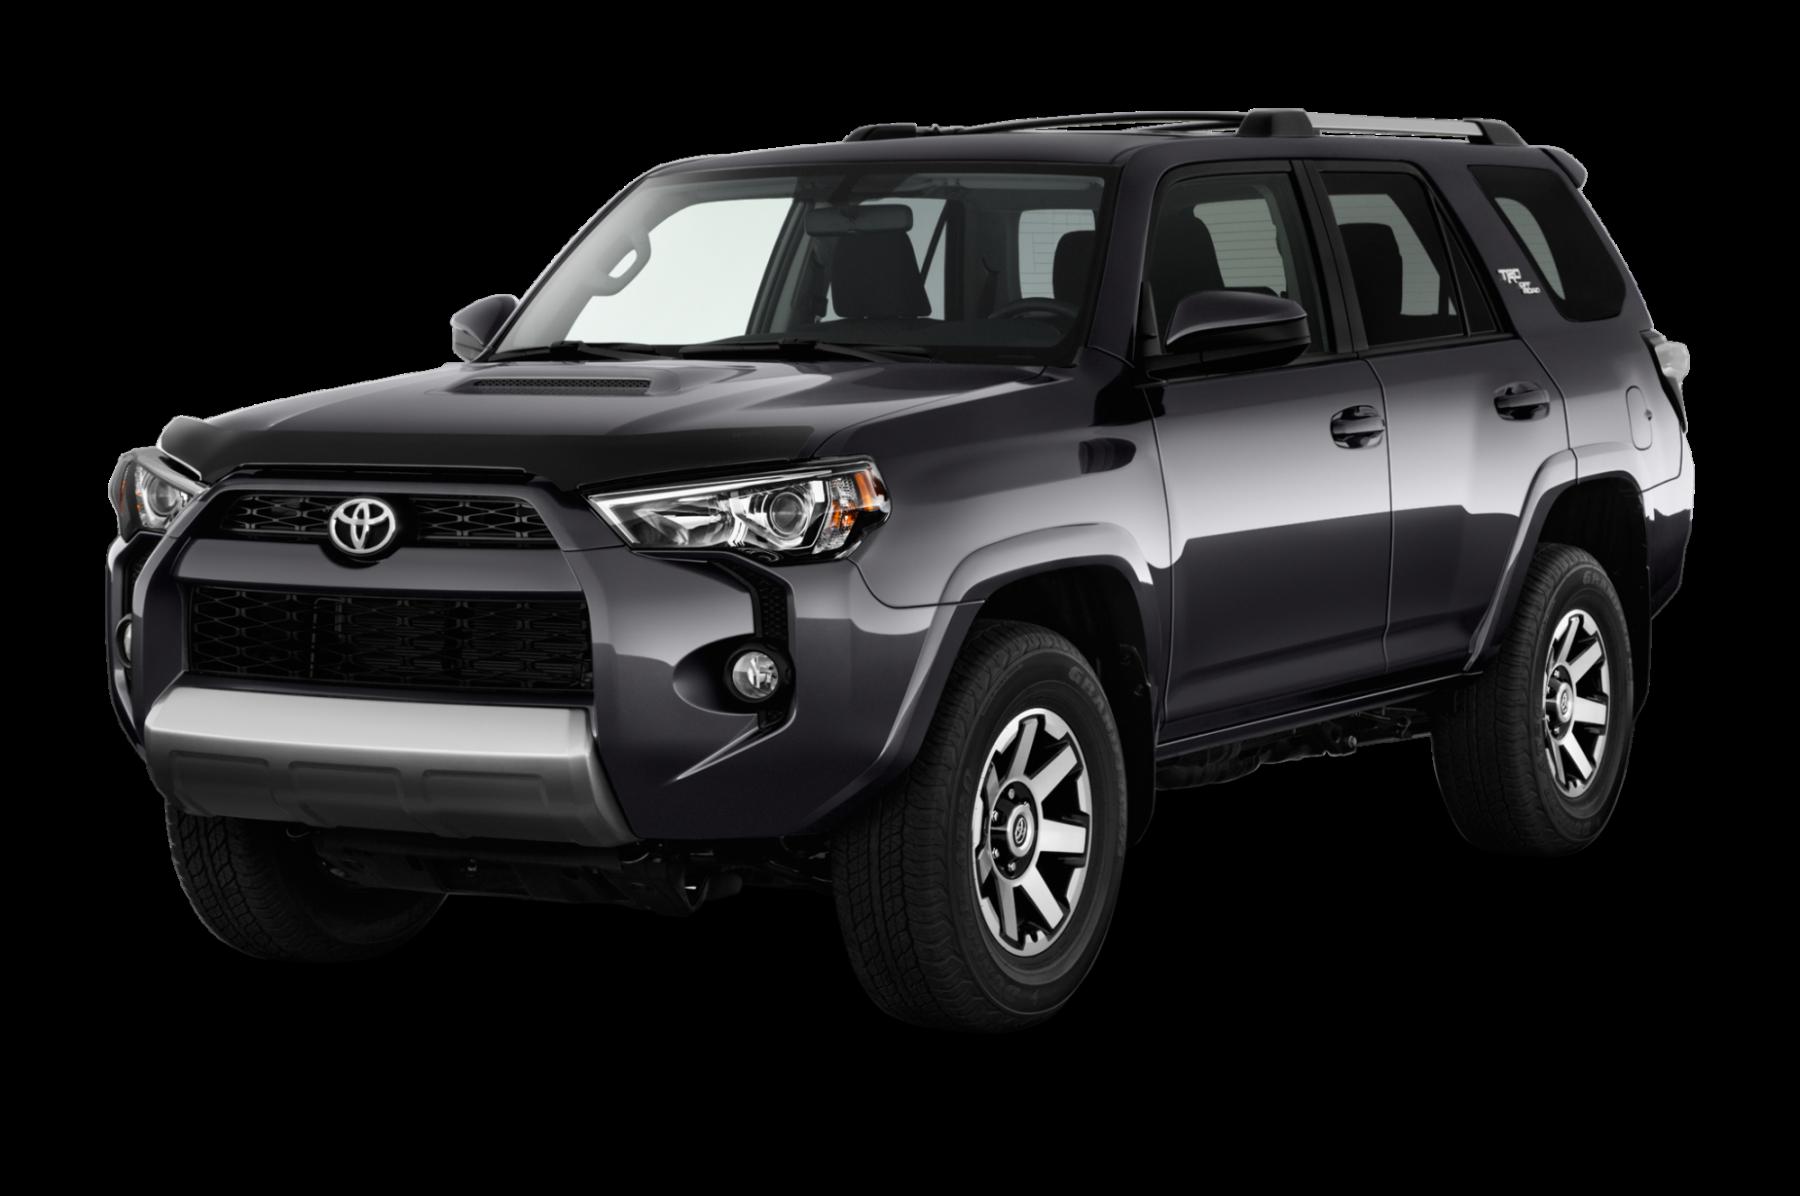 Top 10 Most Reliable Asian Car Brands Sandgate Auto Electrics